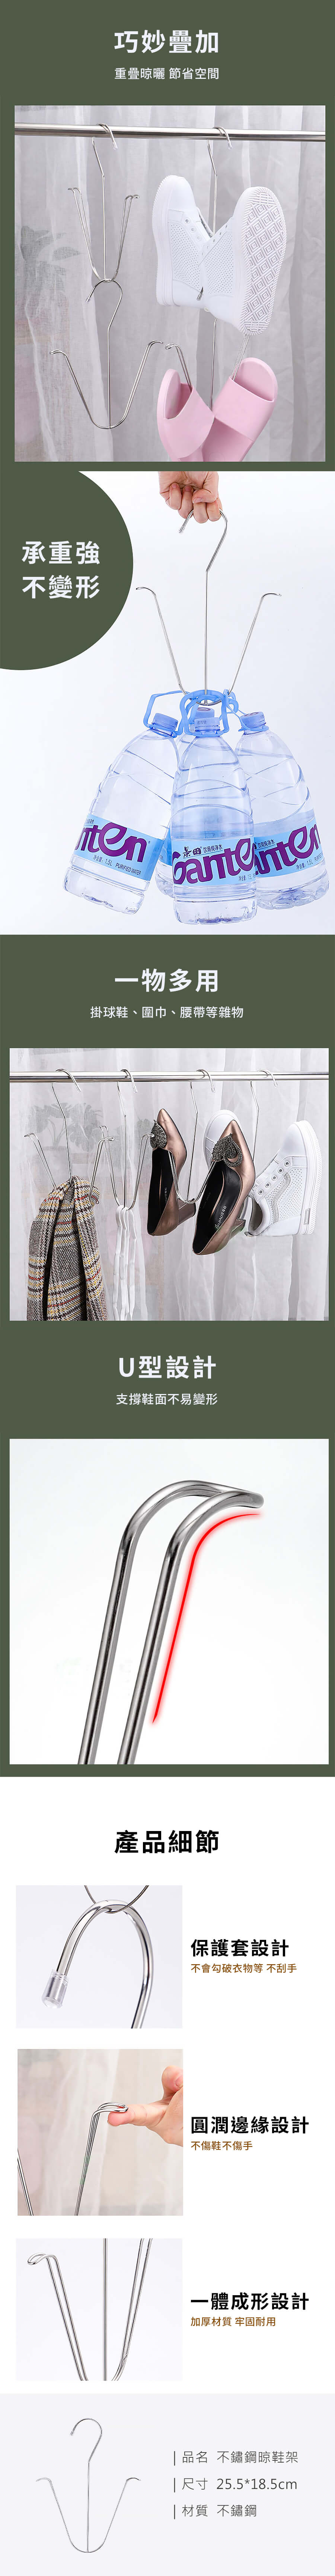 不鏽鋼晾鞋架_PDP_20210226_2.jpg